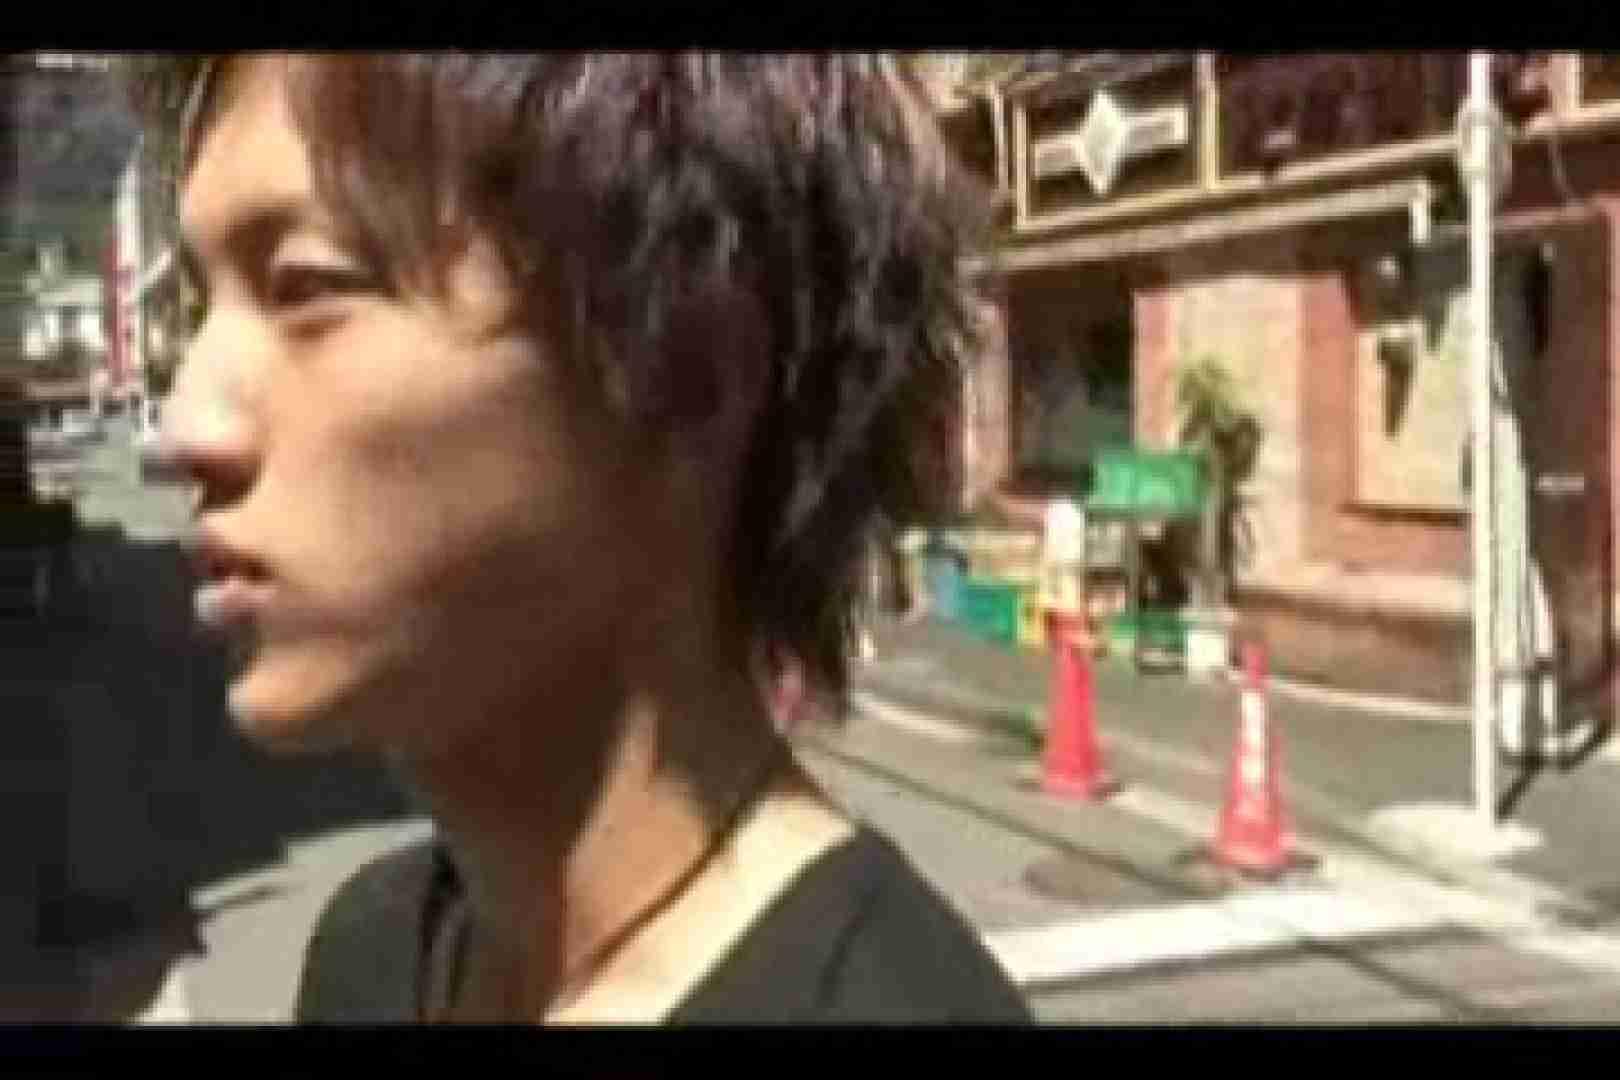 イケメンの逝きまくり旅情!!in 横浜 イメージ (sex) | フェラ ゲイエロ画像 116枚 101